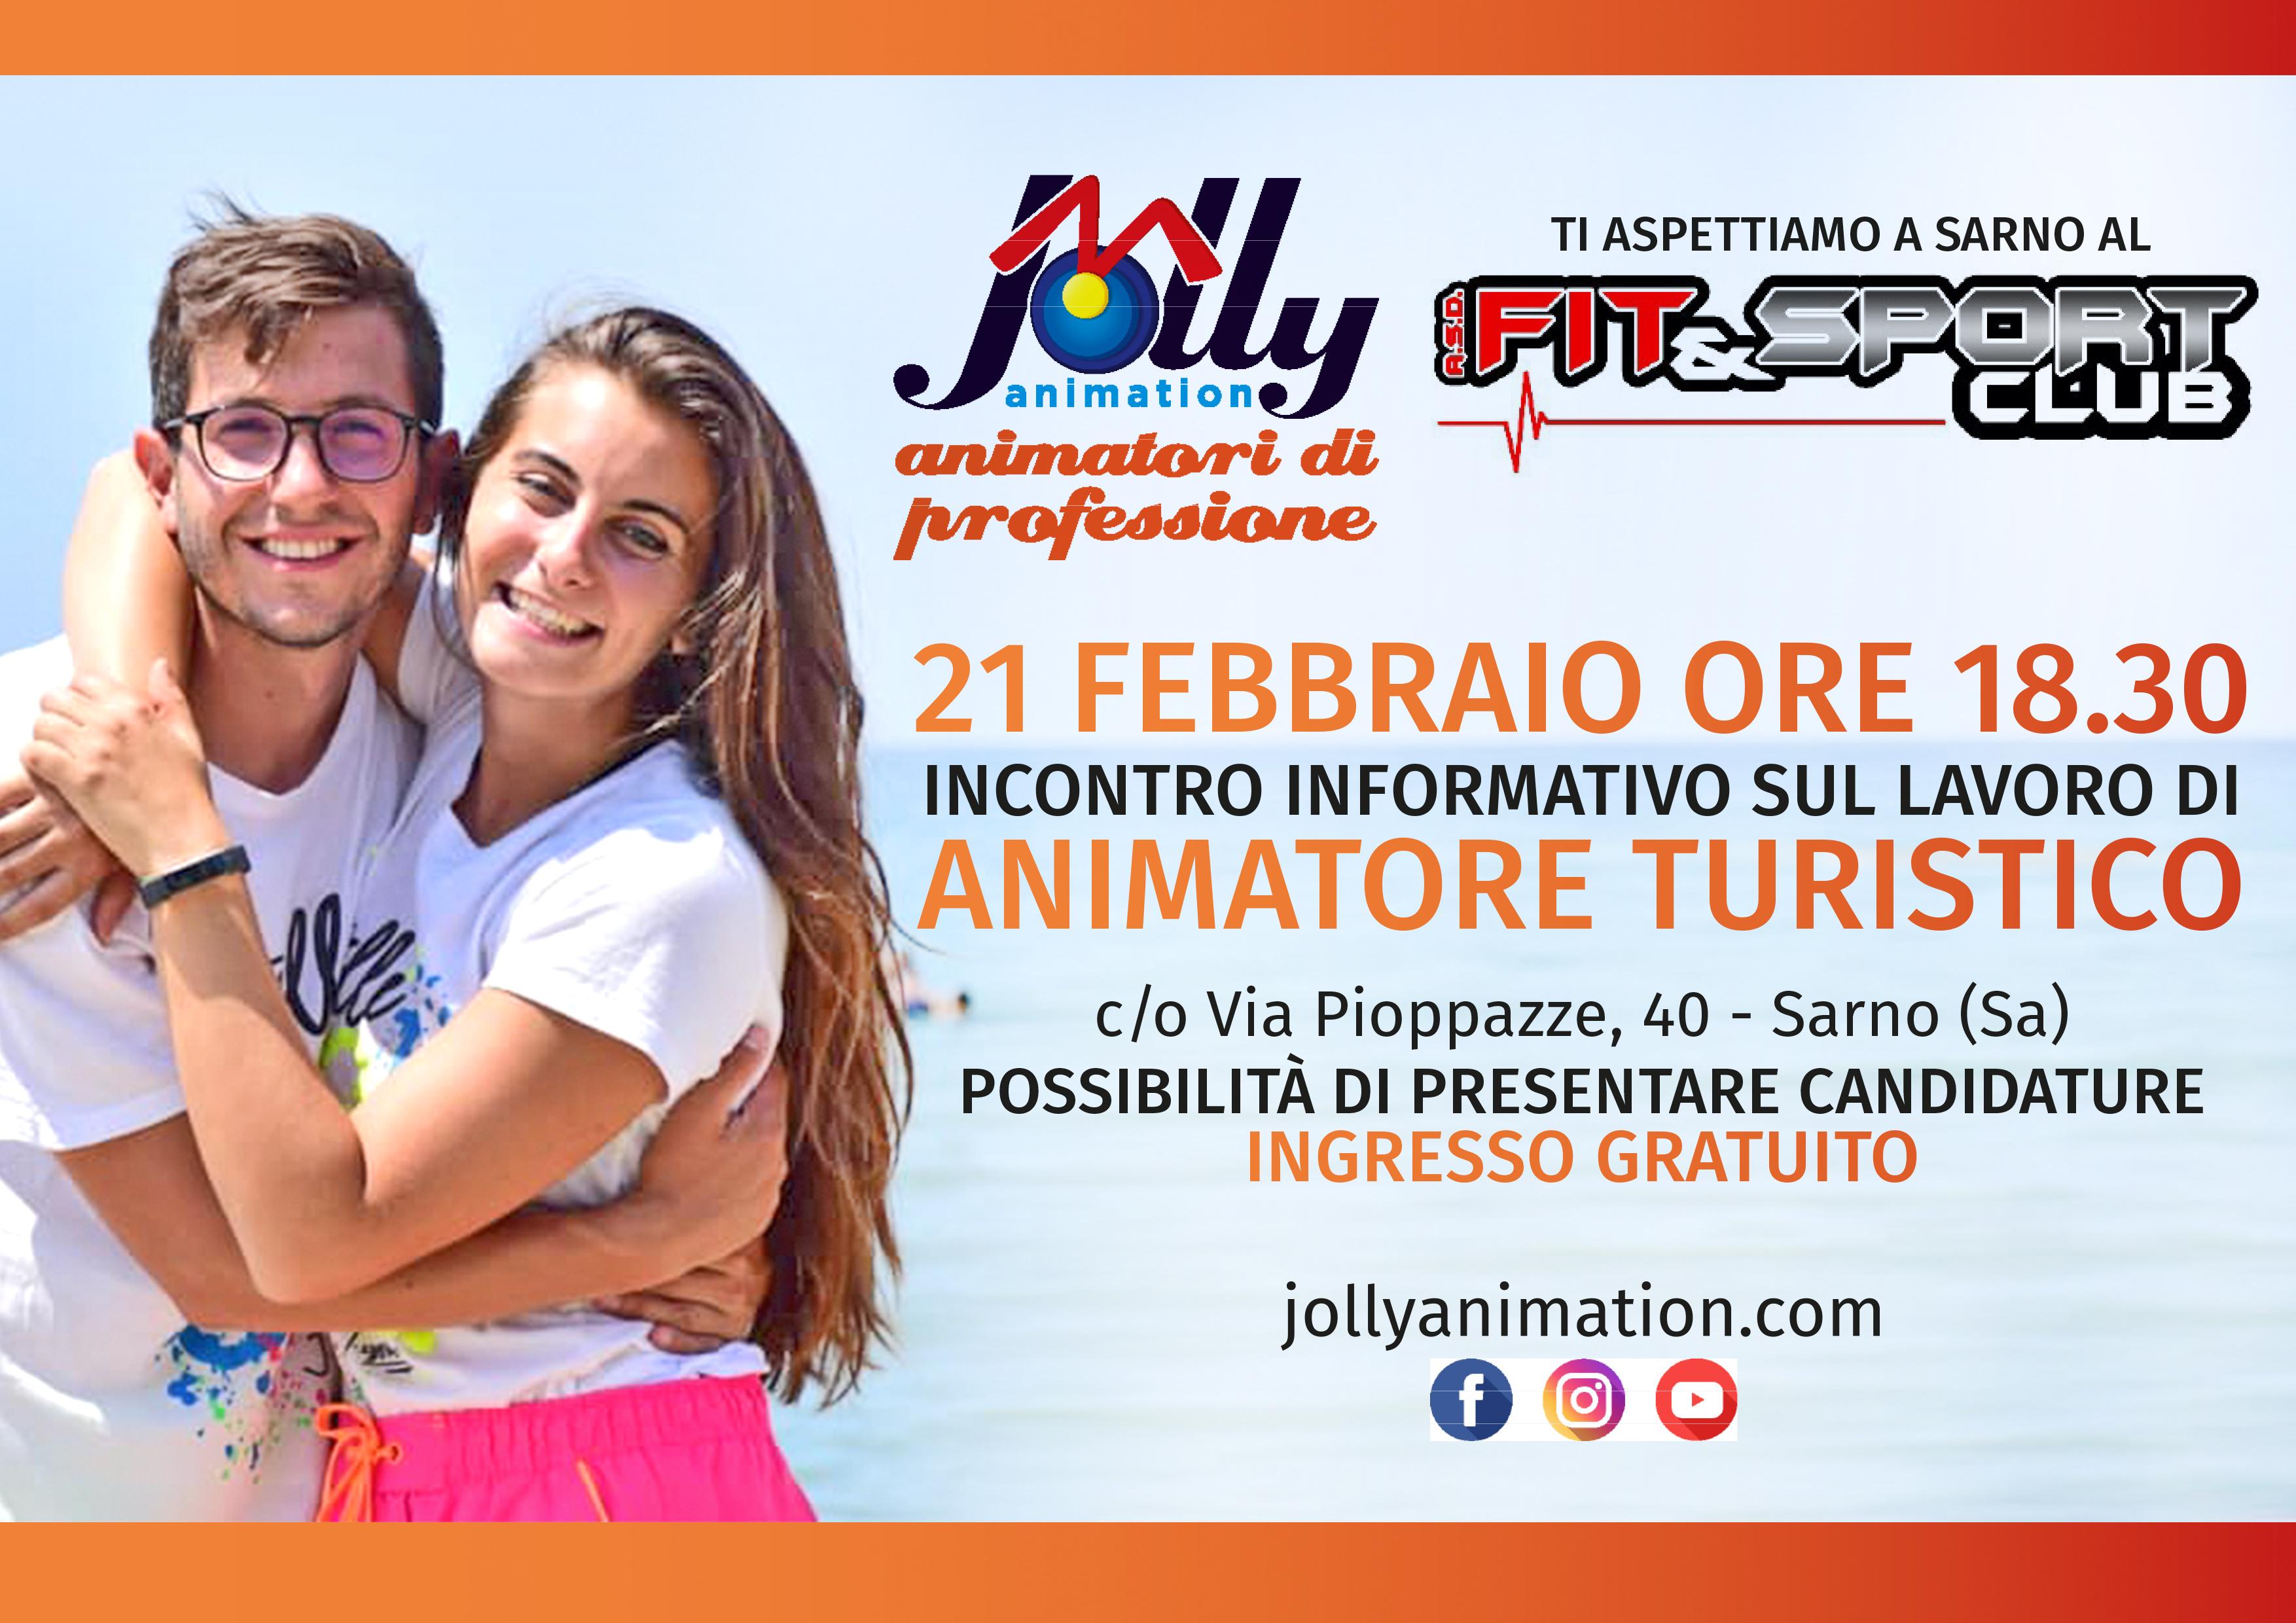 Jolly in Tour, siamo a Sarno venerdì 21 febbraio al Fit&Sport Club